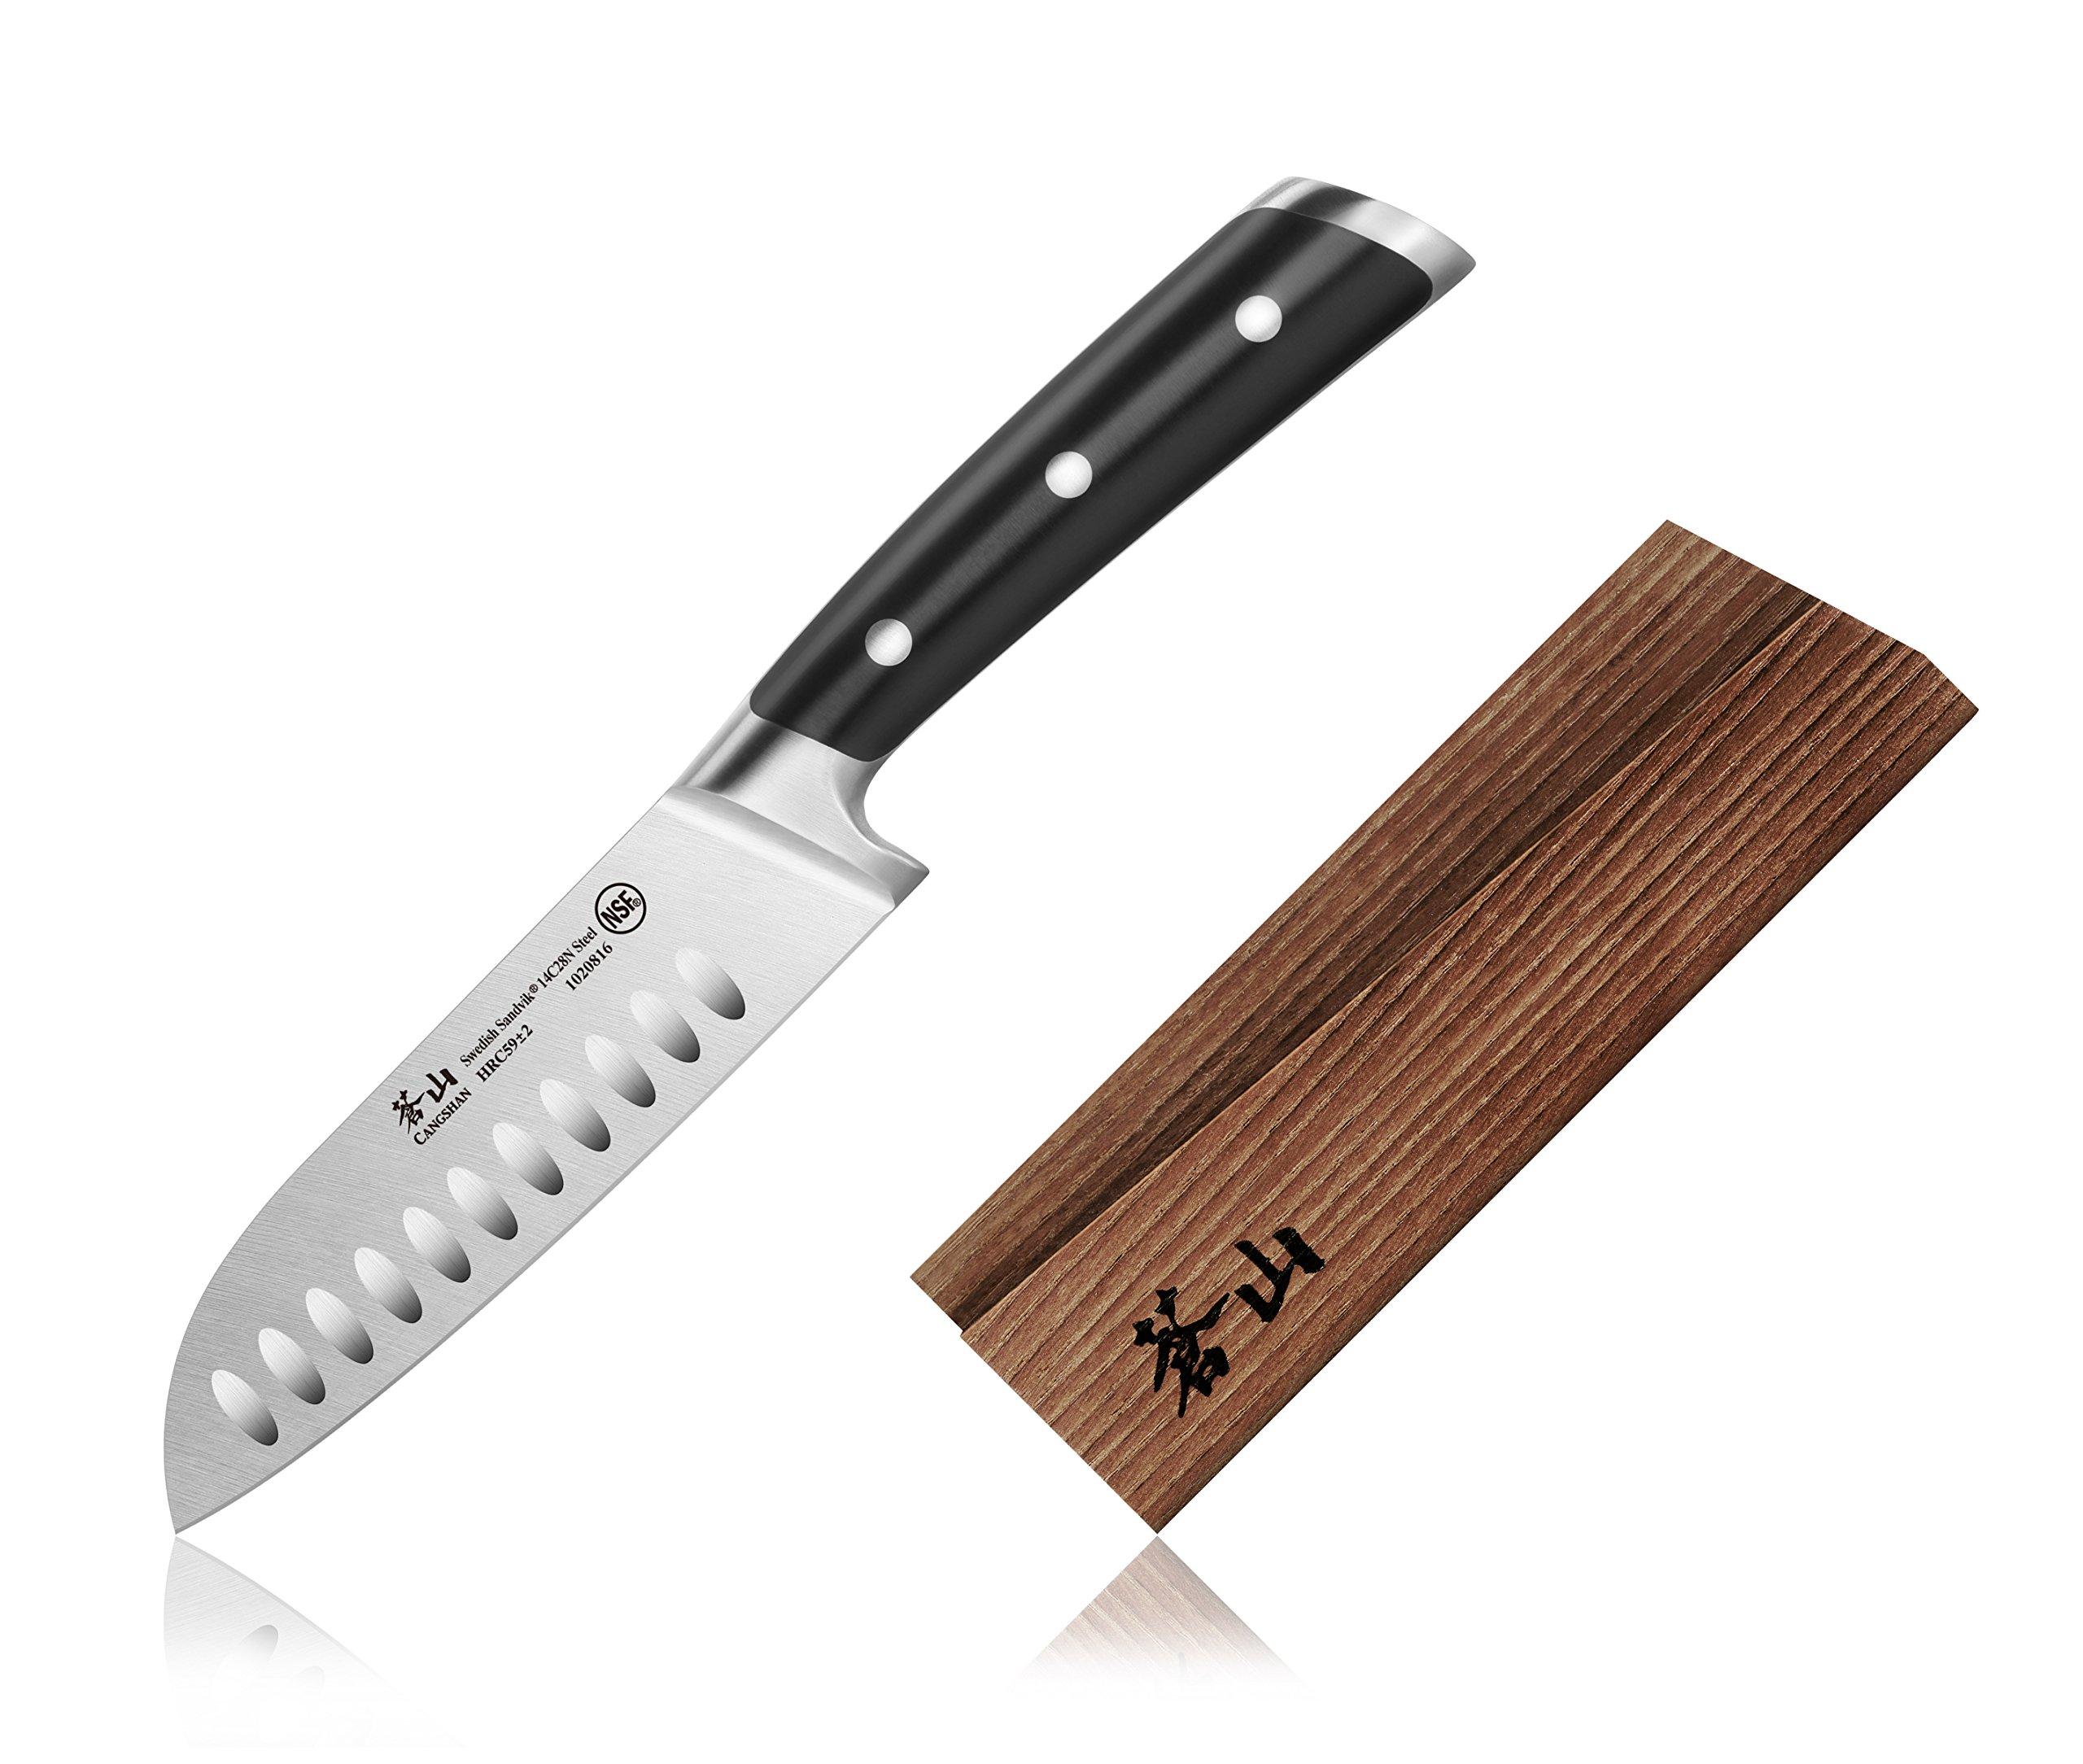 Cangshan TS Series 1020823 Swedish Sandvik 14C28N Steel Forged 5-Inch Santoku Knife and Wood Sheath Set by Cangshan